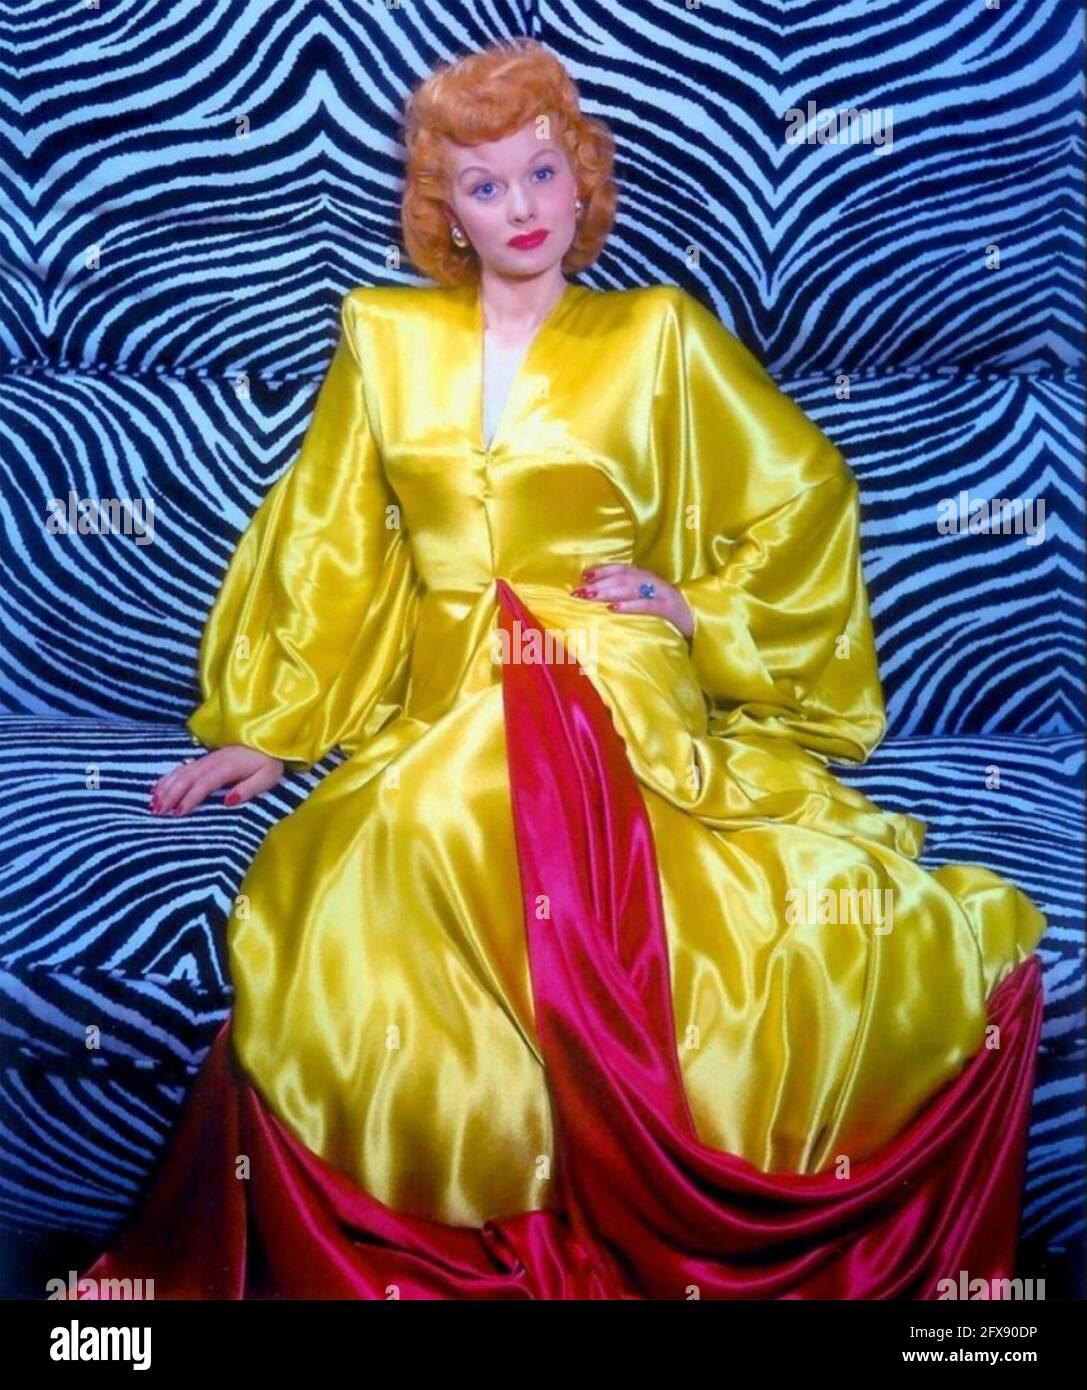 LUCILLE BALL (1911-1989) amerikanische Filmschauspielerin und Produzentin um 1945 Stockfoto